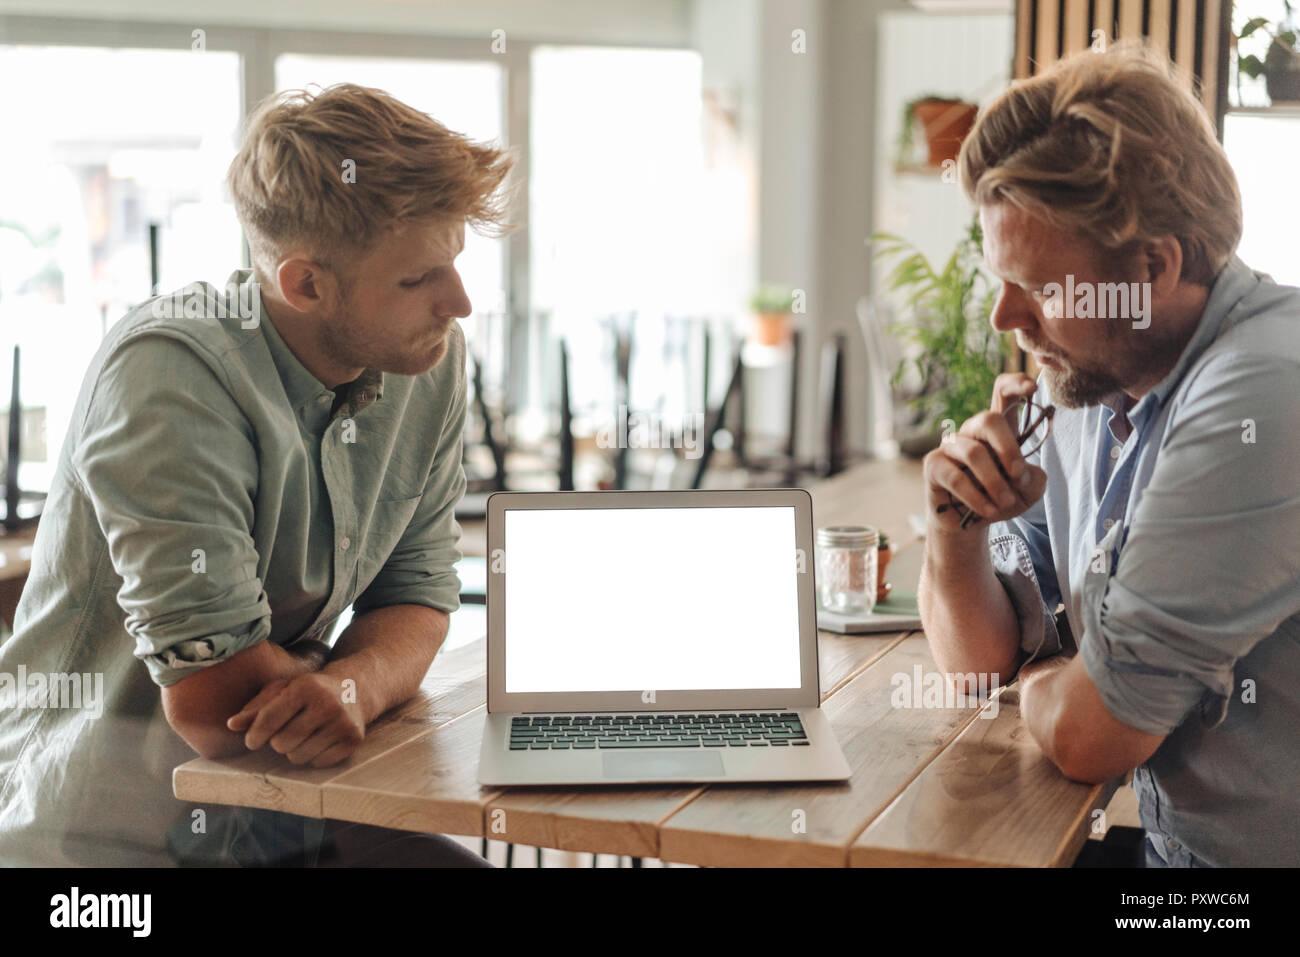 Socios de negocio tener una reunión en su nueva puesta en marcha de la empresa Foto de stock